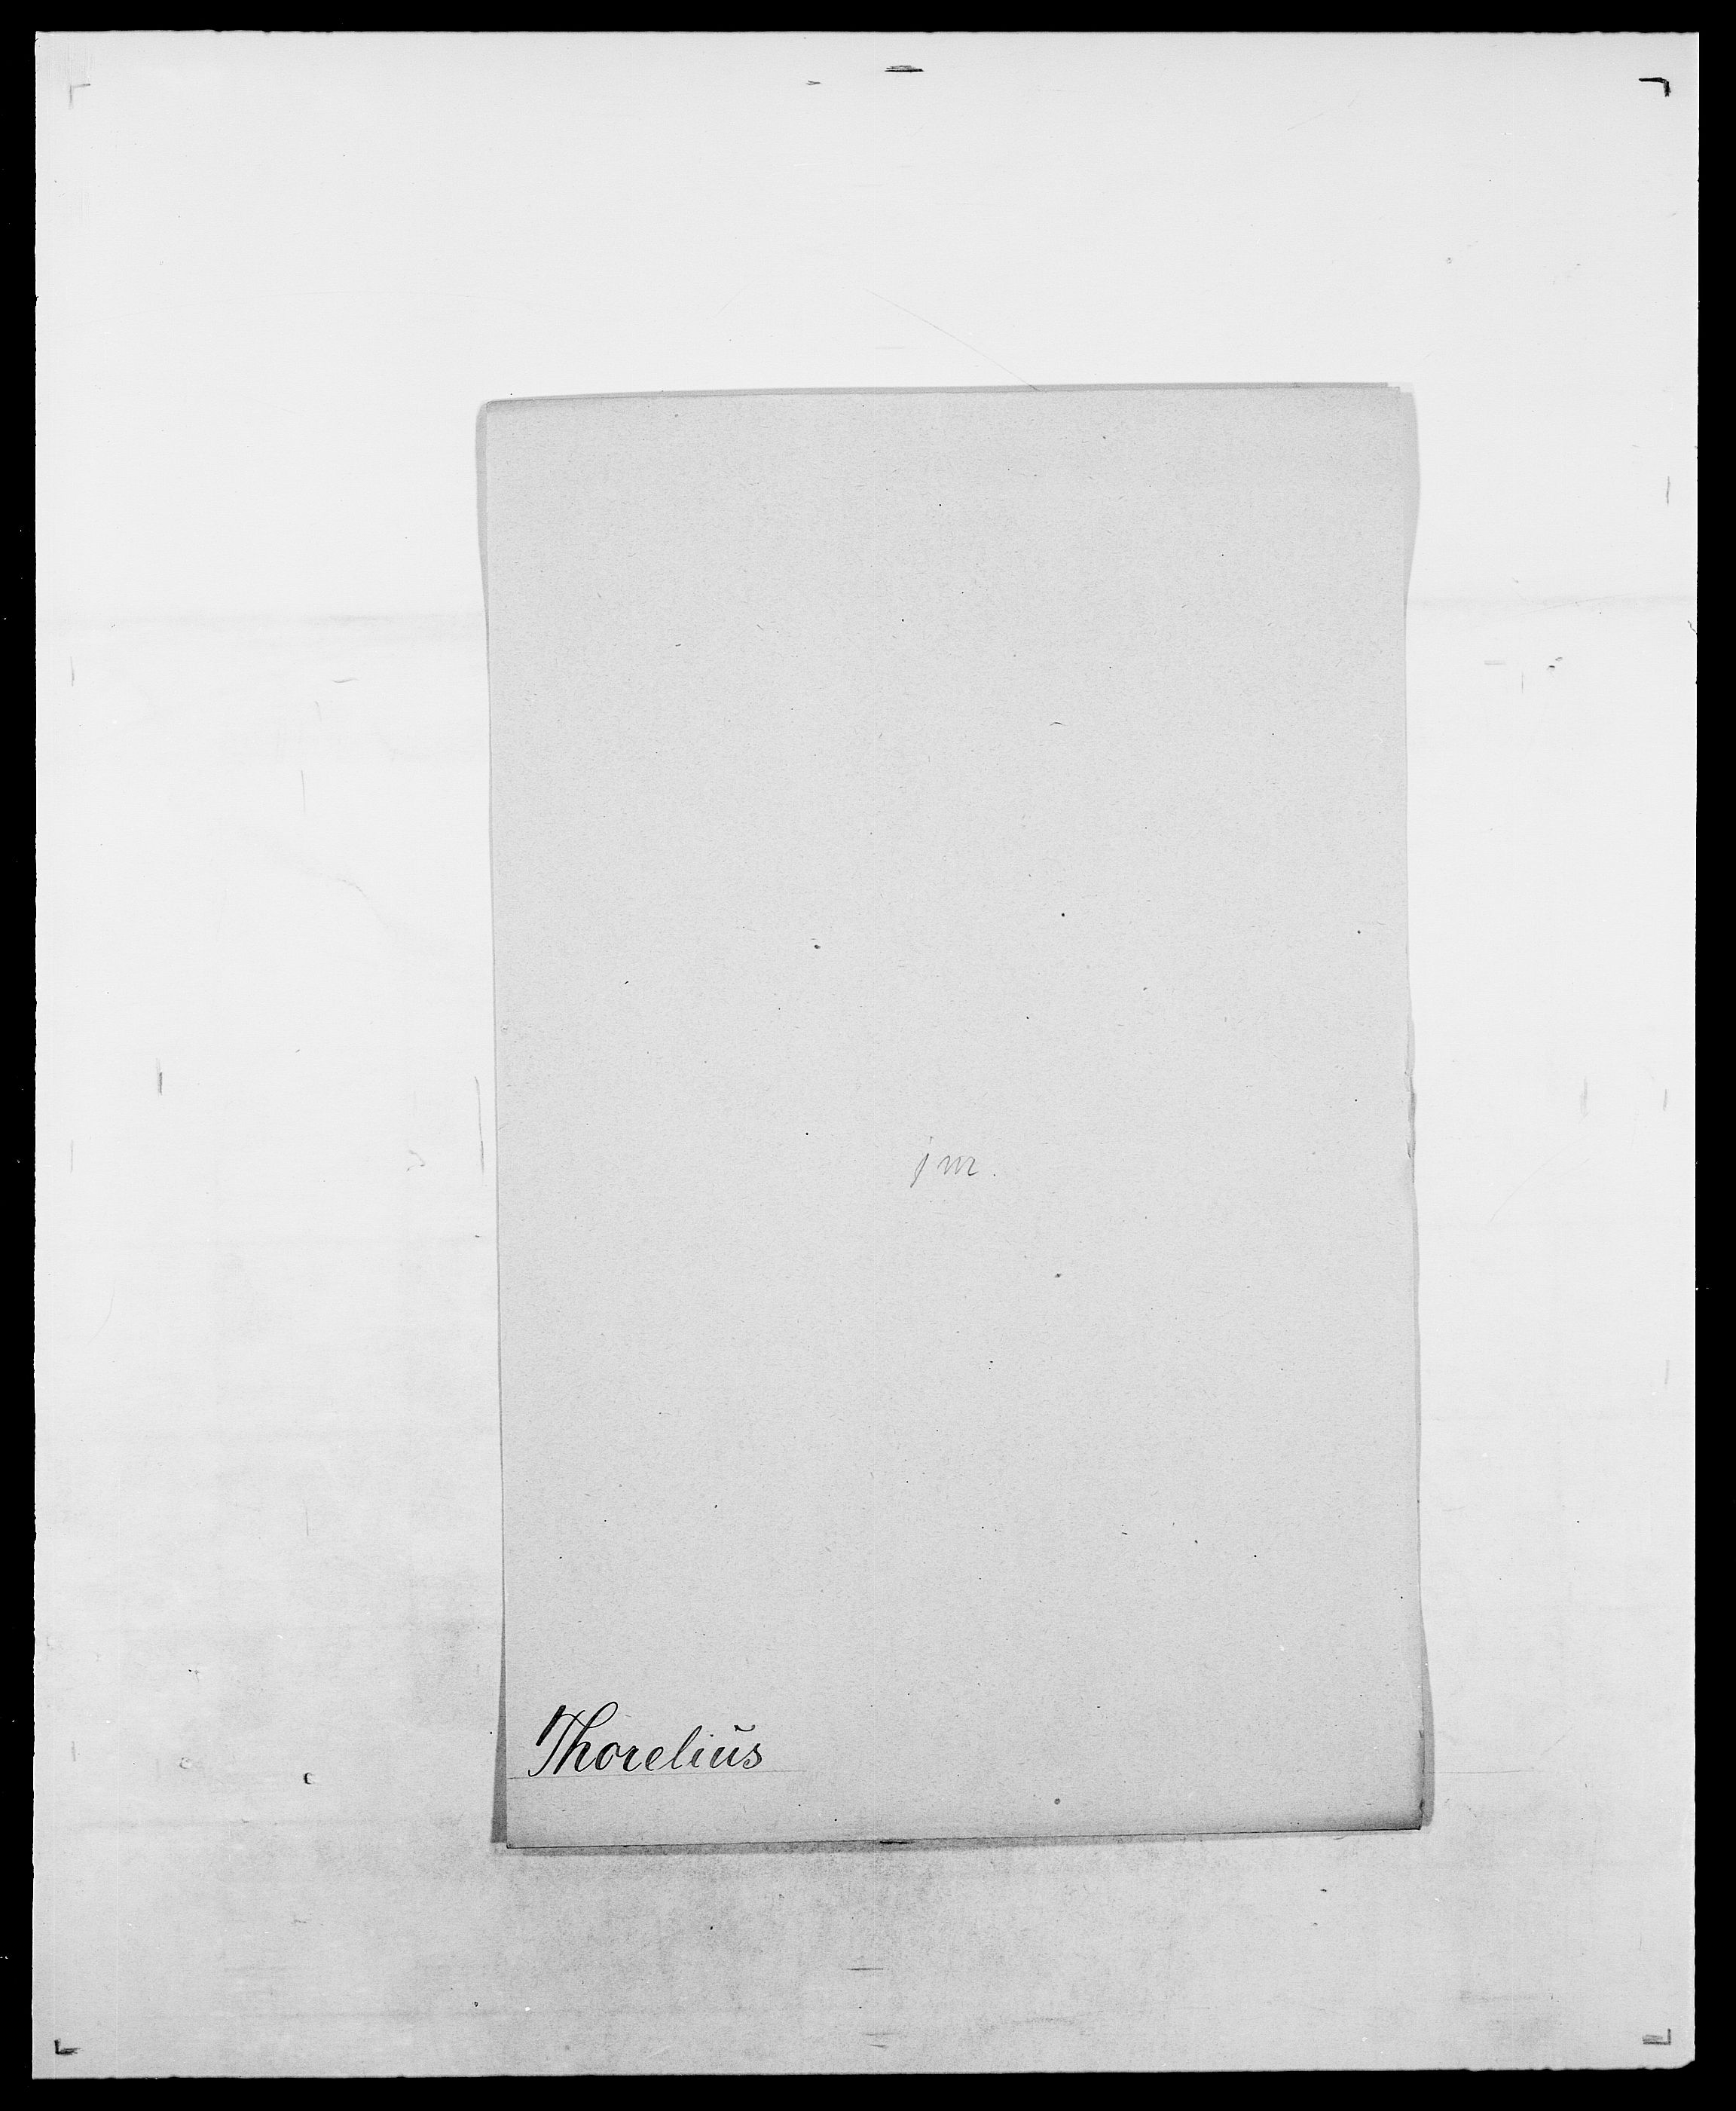 SAO, Delgobe, Charles Antoine - samling, D/Da/L0038: Svanenskjold - Thornsohn, s. 838